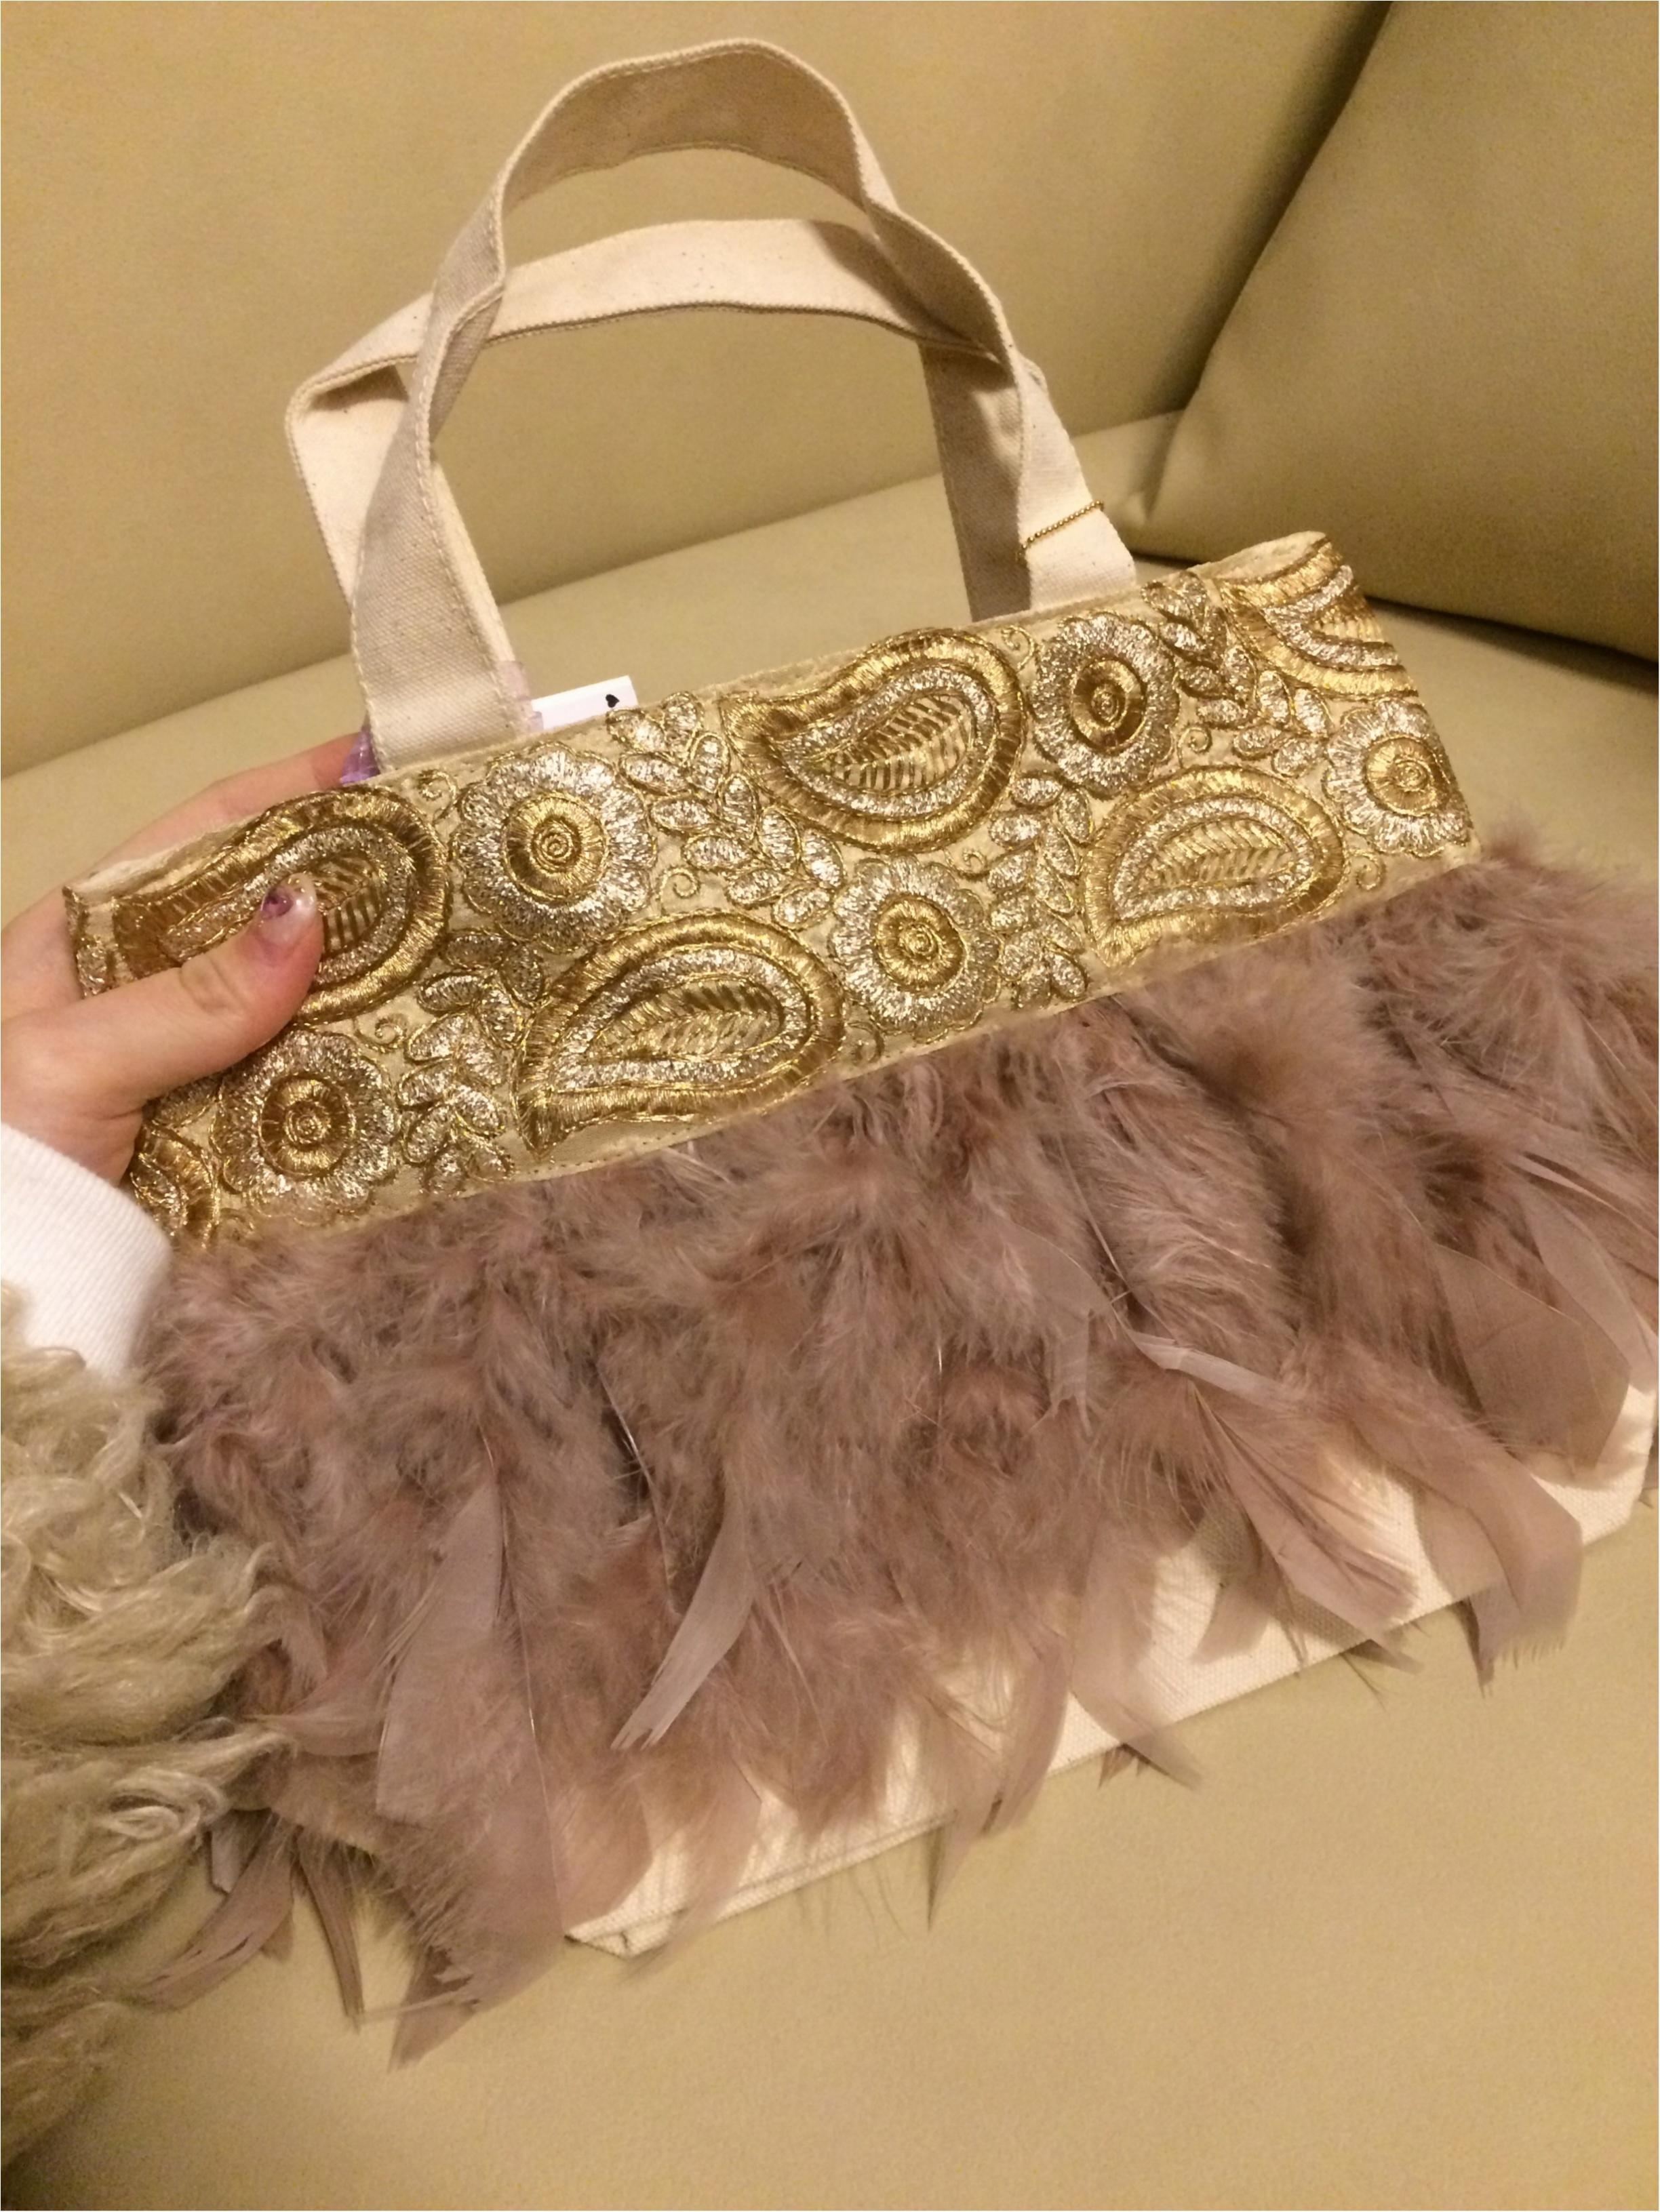 みんなどんなバッグ使ってるの? 憧れブランドもまとめて「愛用バッグ」まとめ♡♡_1_20